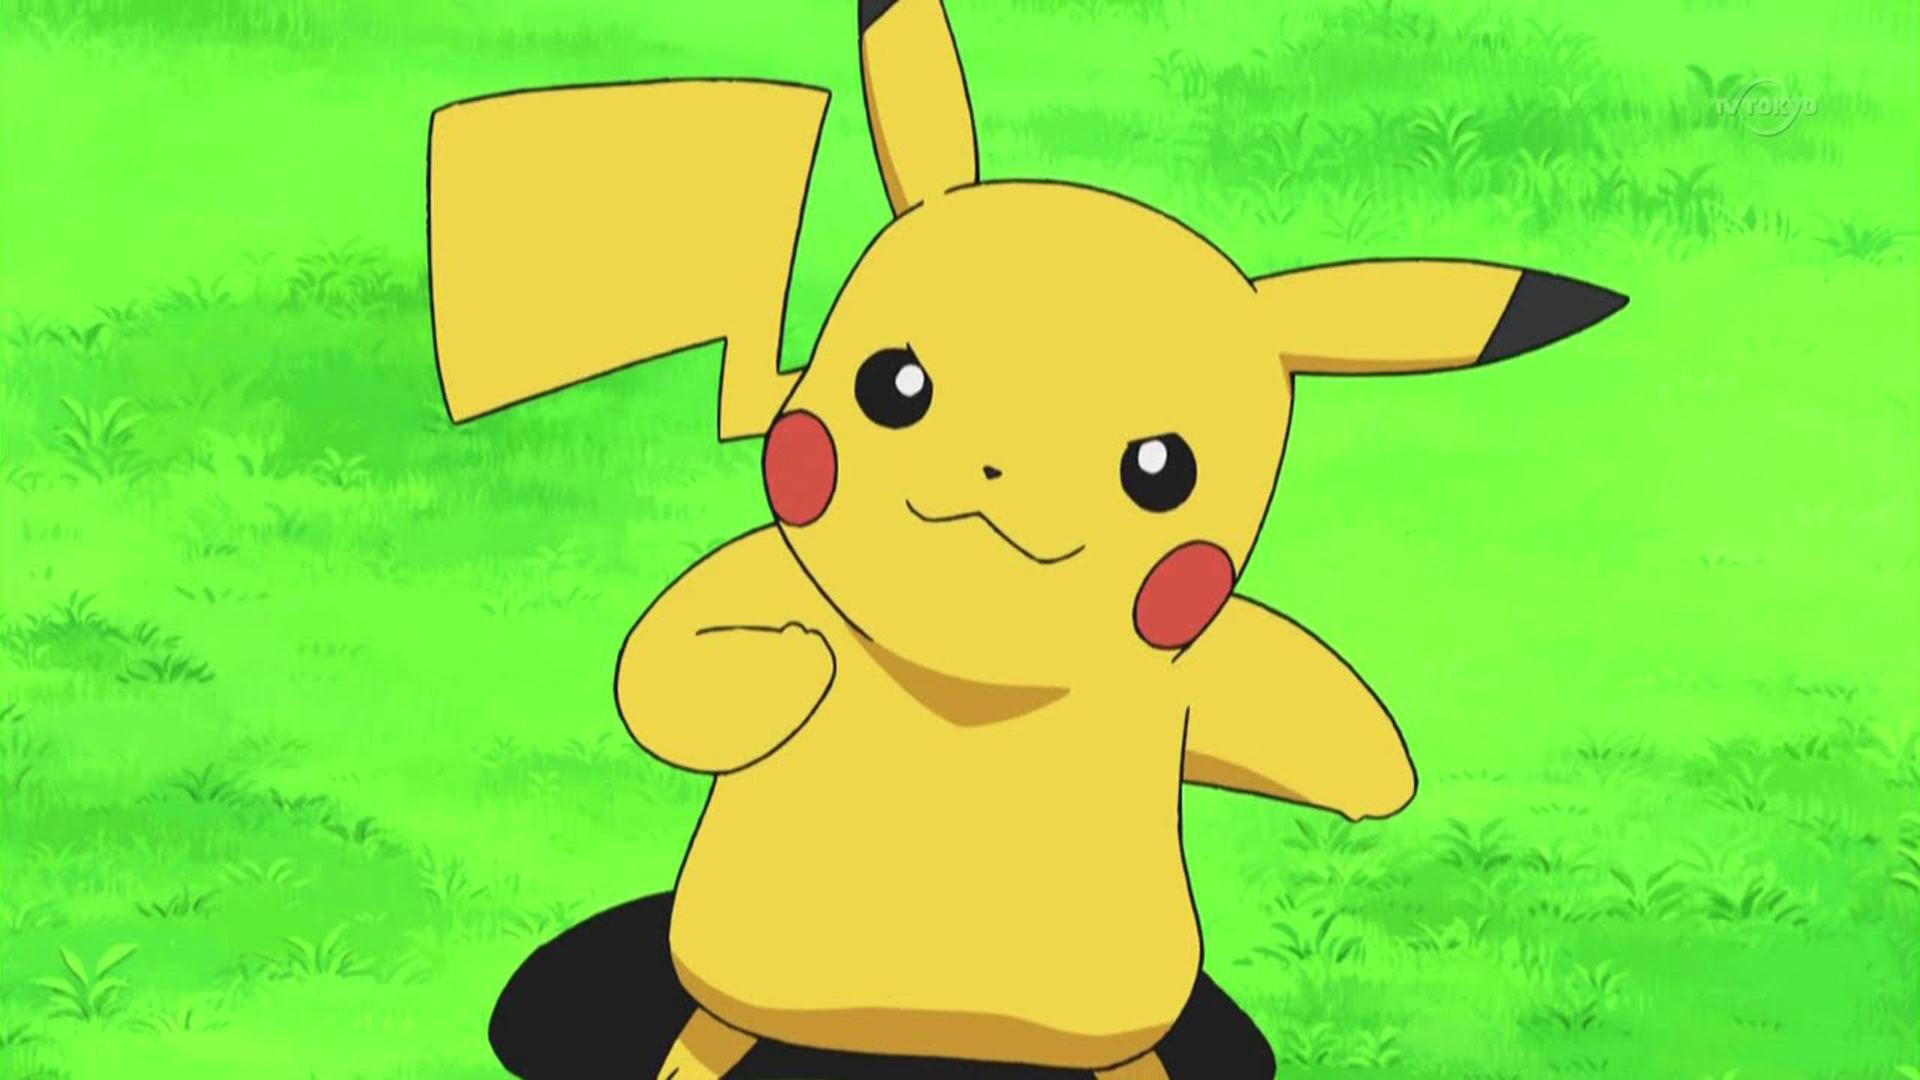 Pokémon Go : enfin des combats plus inventifs et distrayants